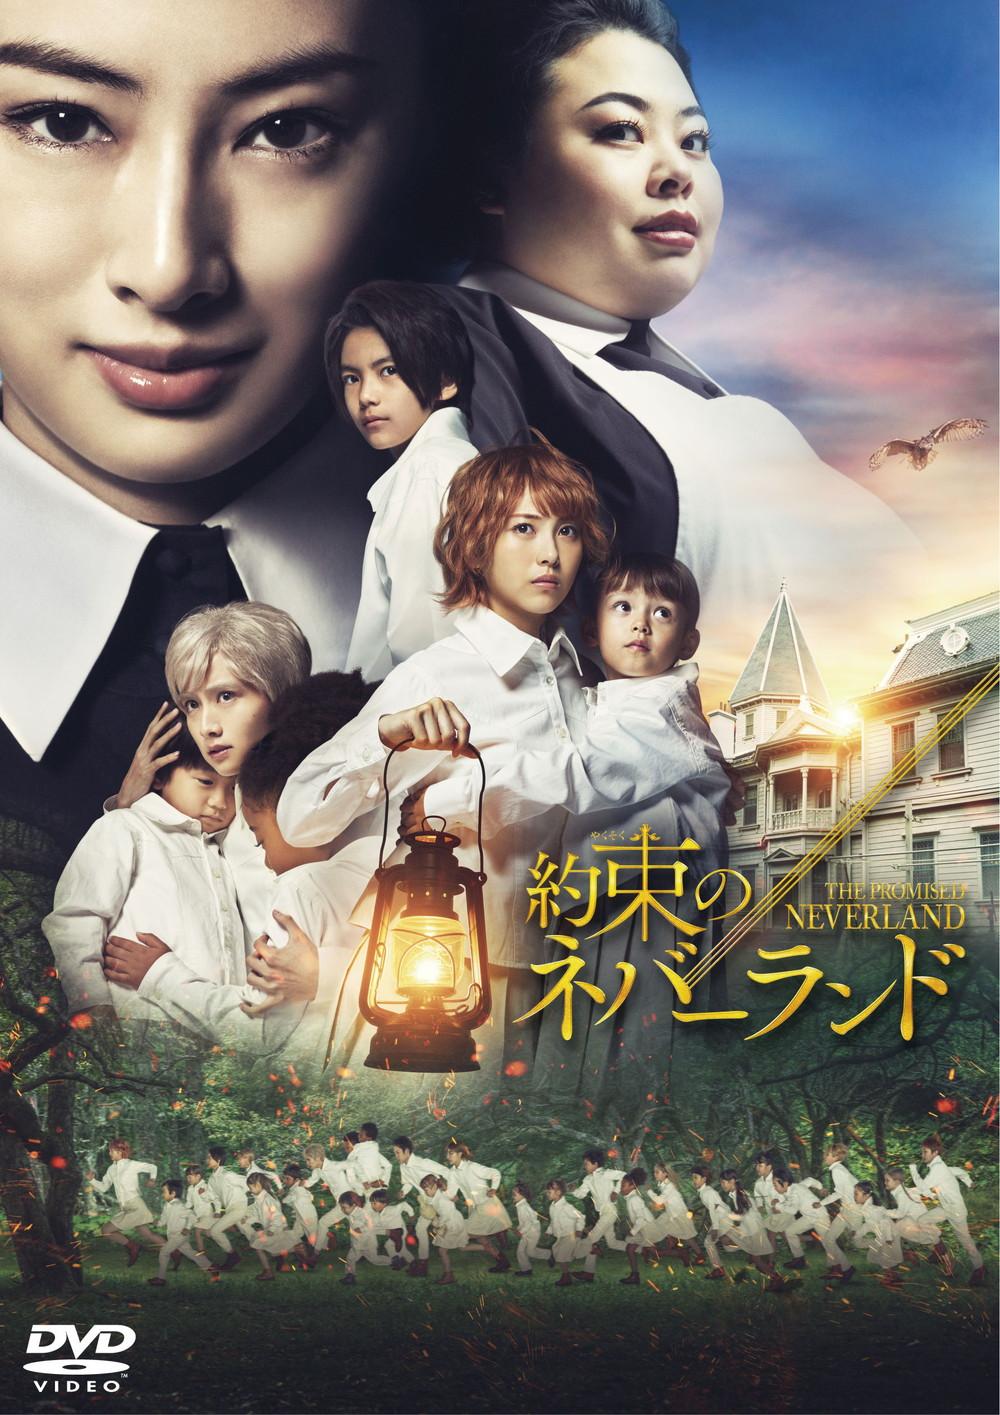 『約束のネバーランド』DVD